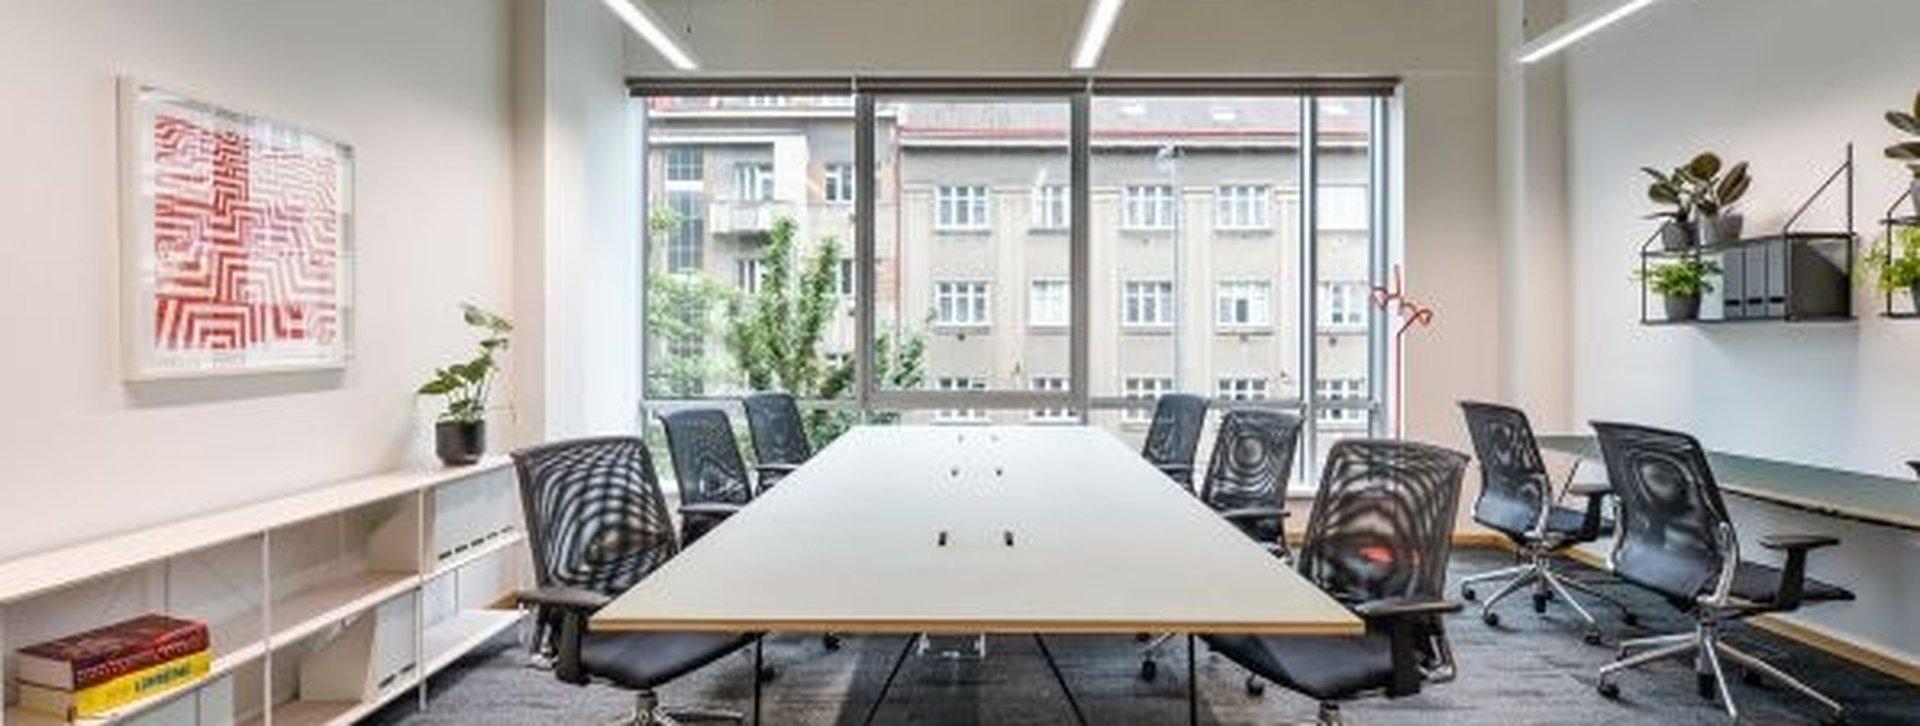 548087-resize_administrativni-budova-lomnickeho-nusle-praha-4